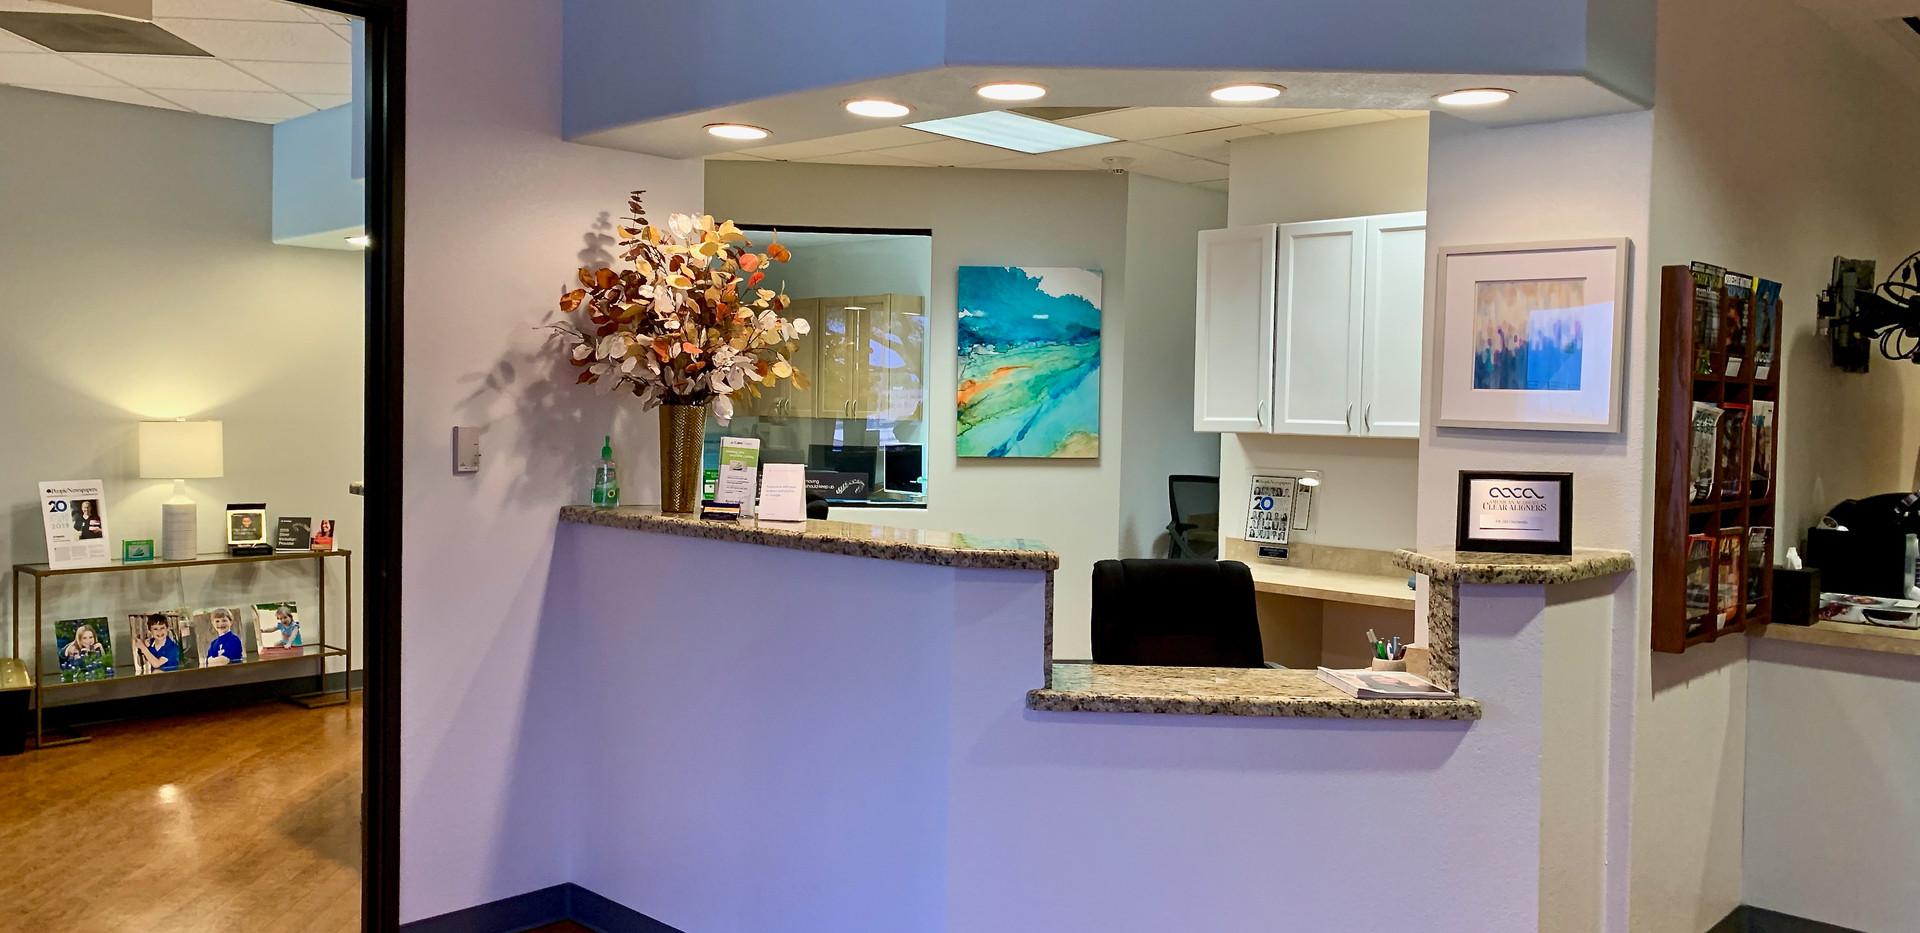 central-dentist-front-desk.jpeg